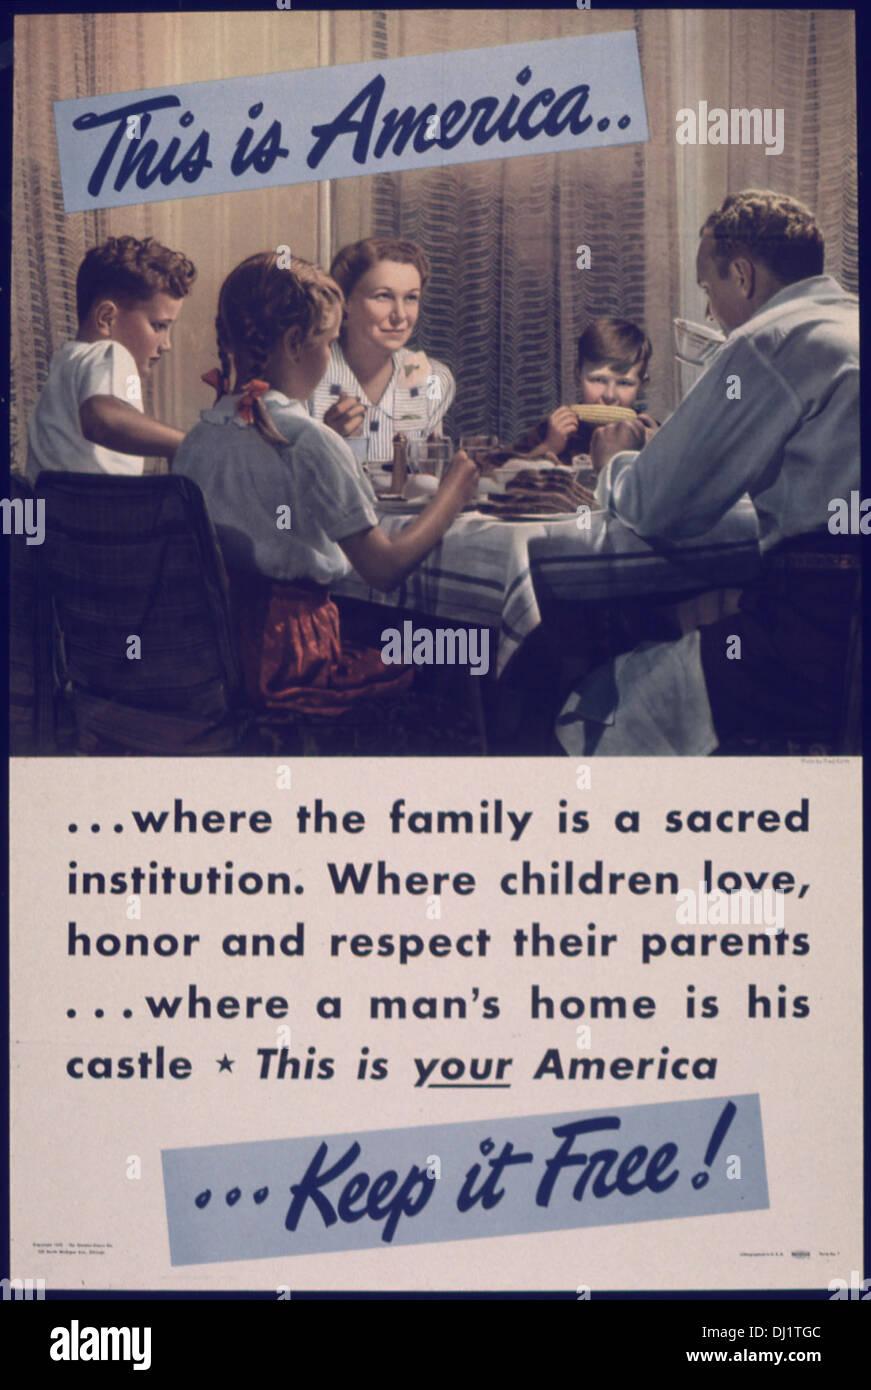 Questa è l'America... Dove la famiglia è una istituzione sacra 766 Immagini Stock